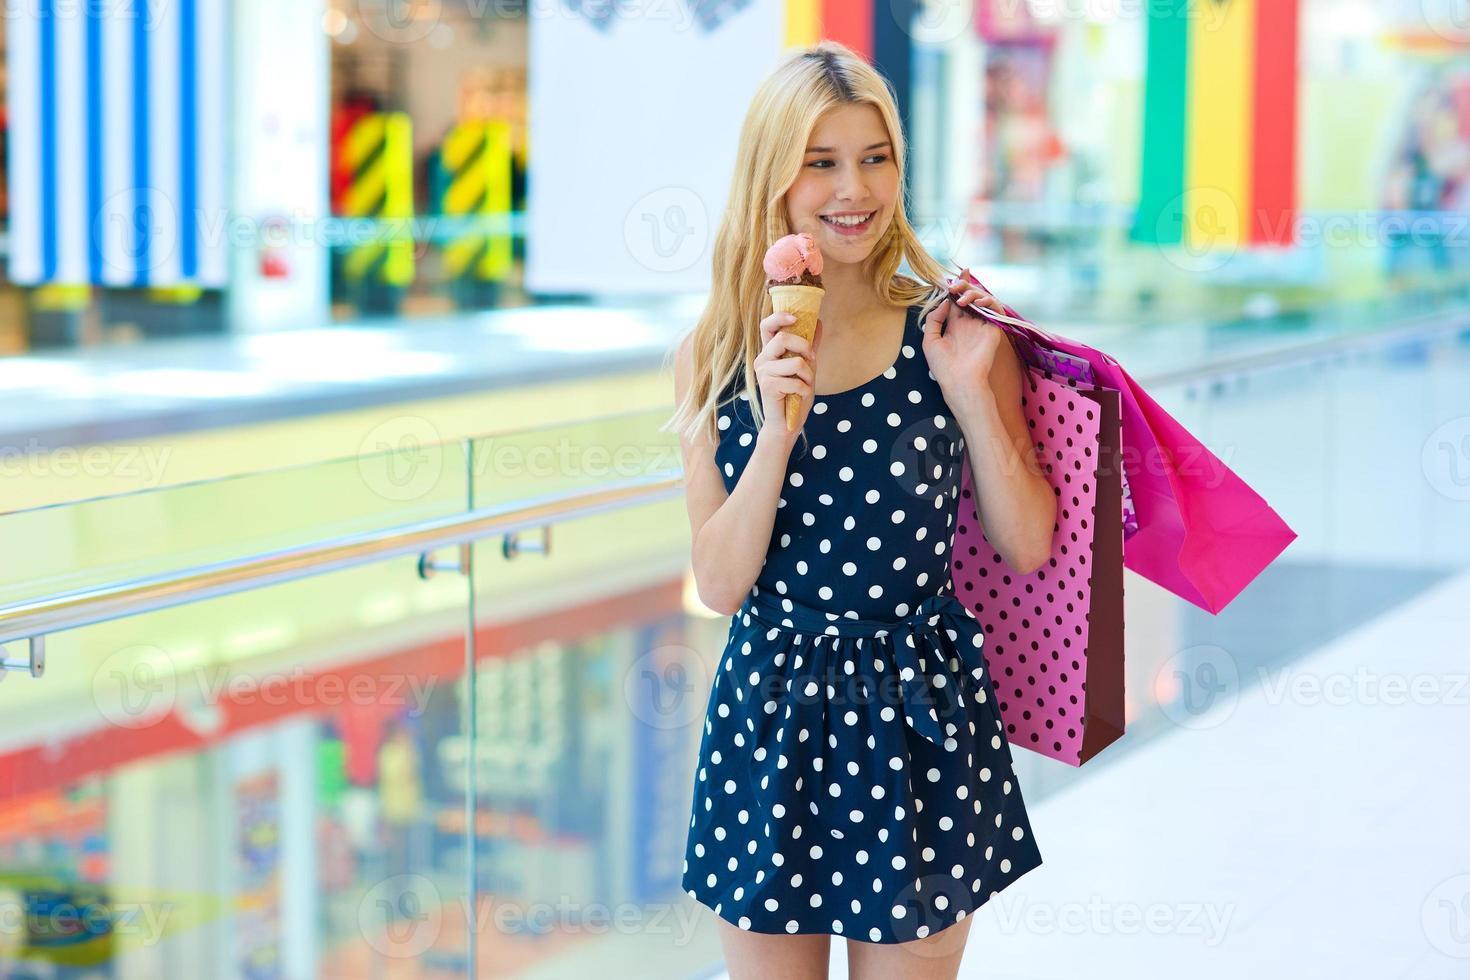 jugendlich Mädchen mit Eis und Einkaufstüten foto